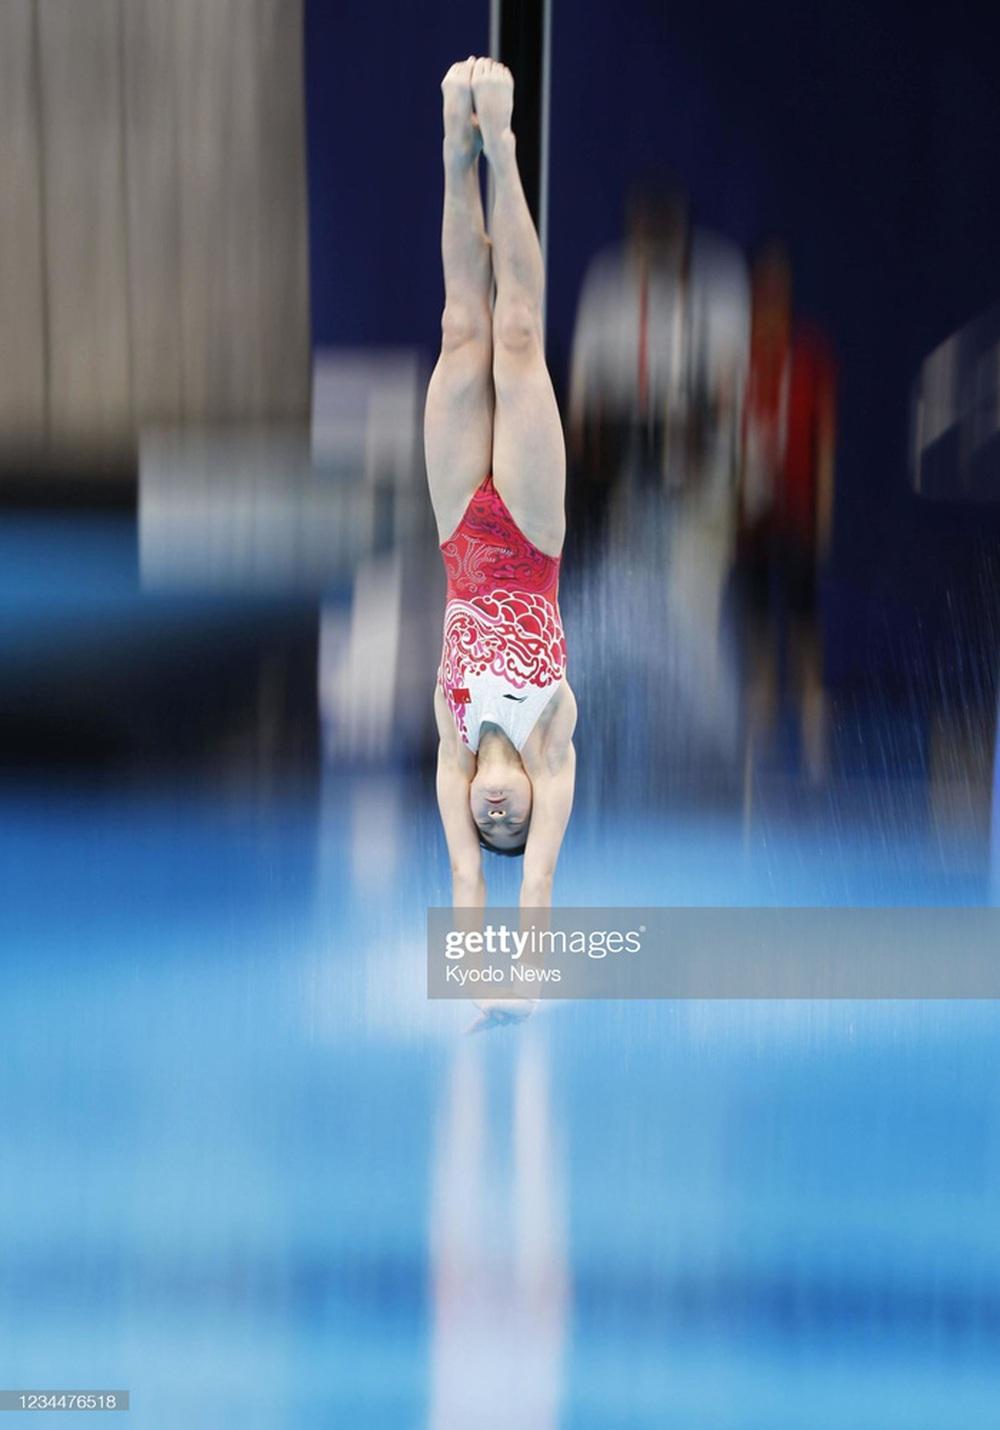 Những bức ảnh độc đáo chỉ có tại Olympic Tokyo 2020 - Ảnh 3.